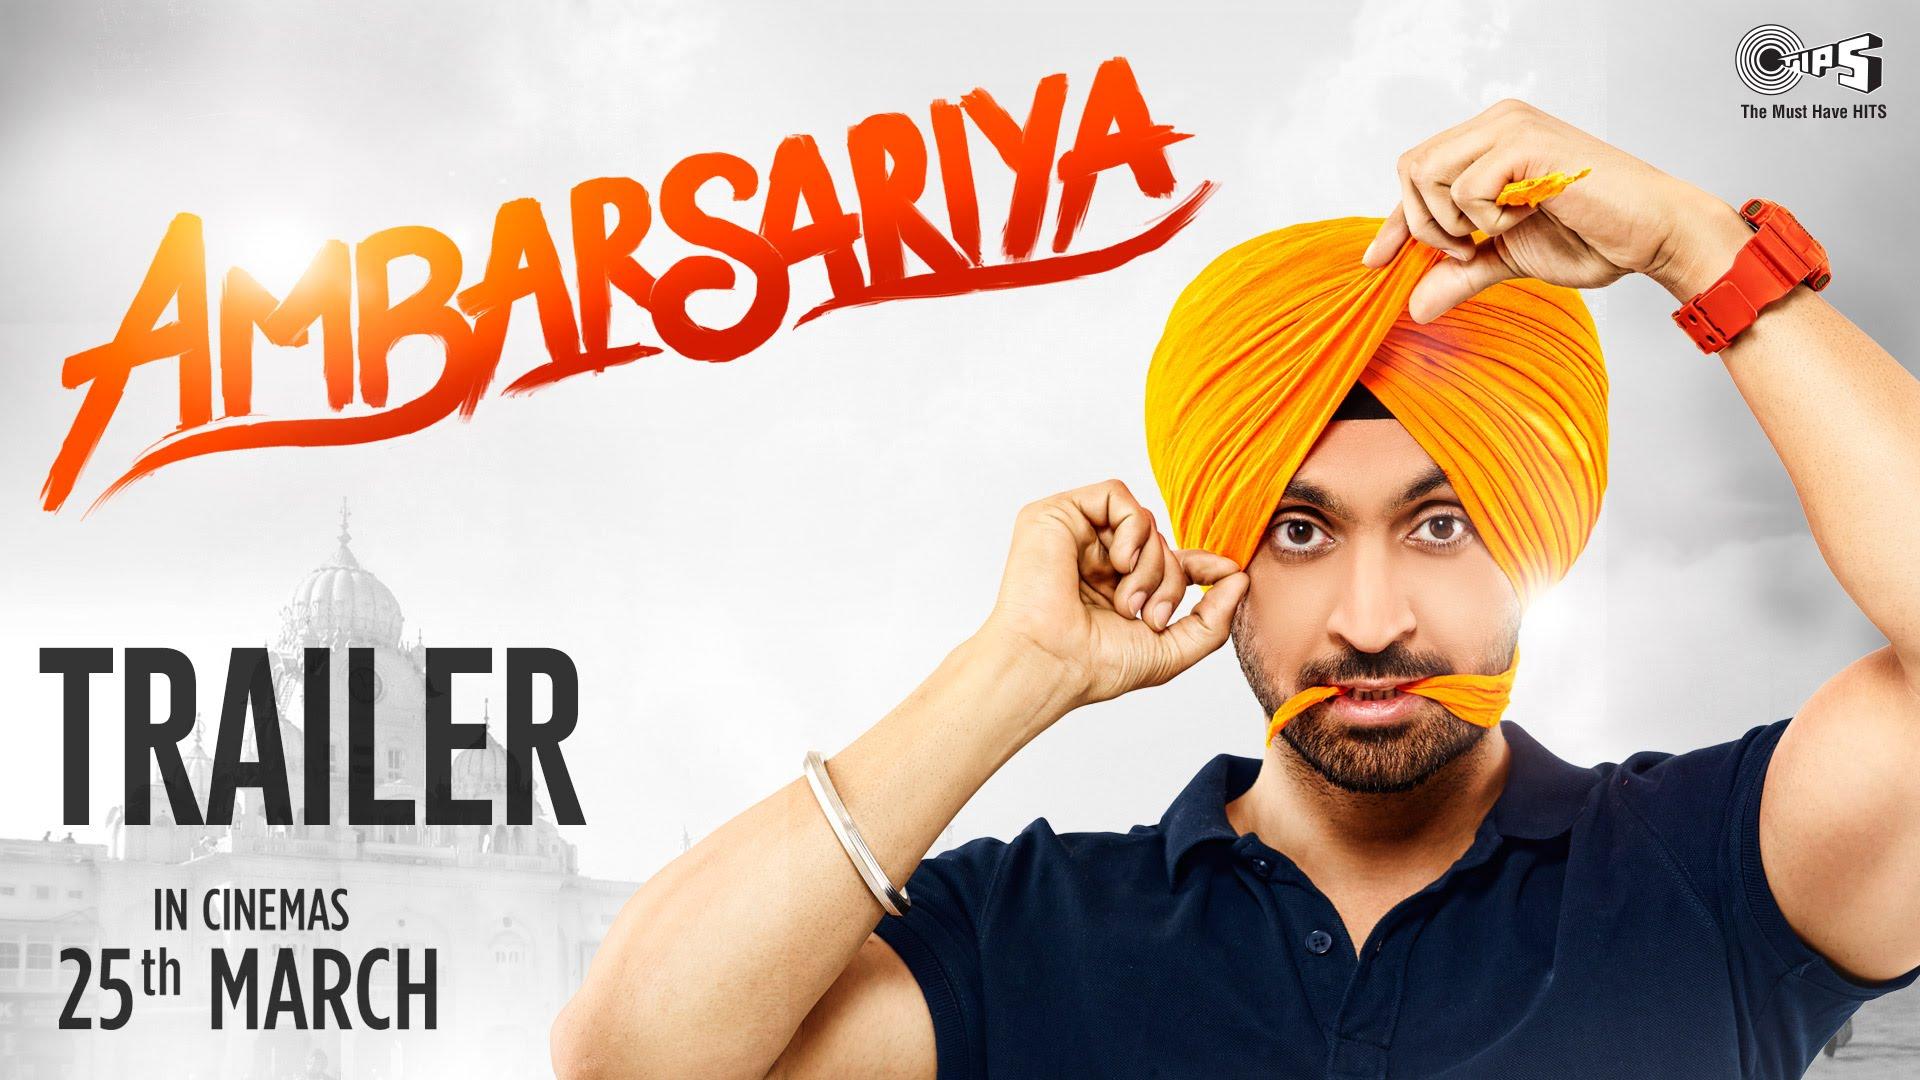 Ambarsariya Trailer